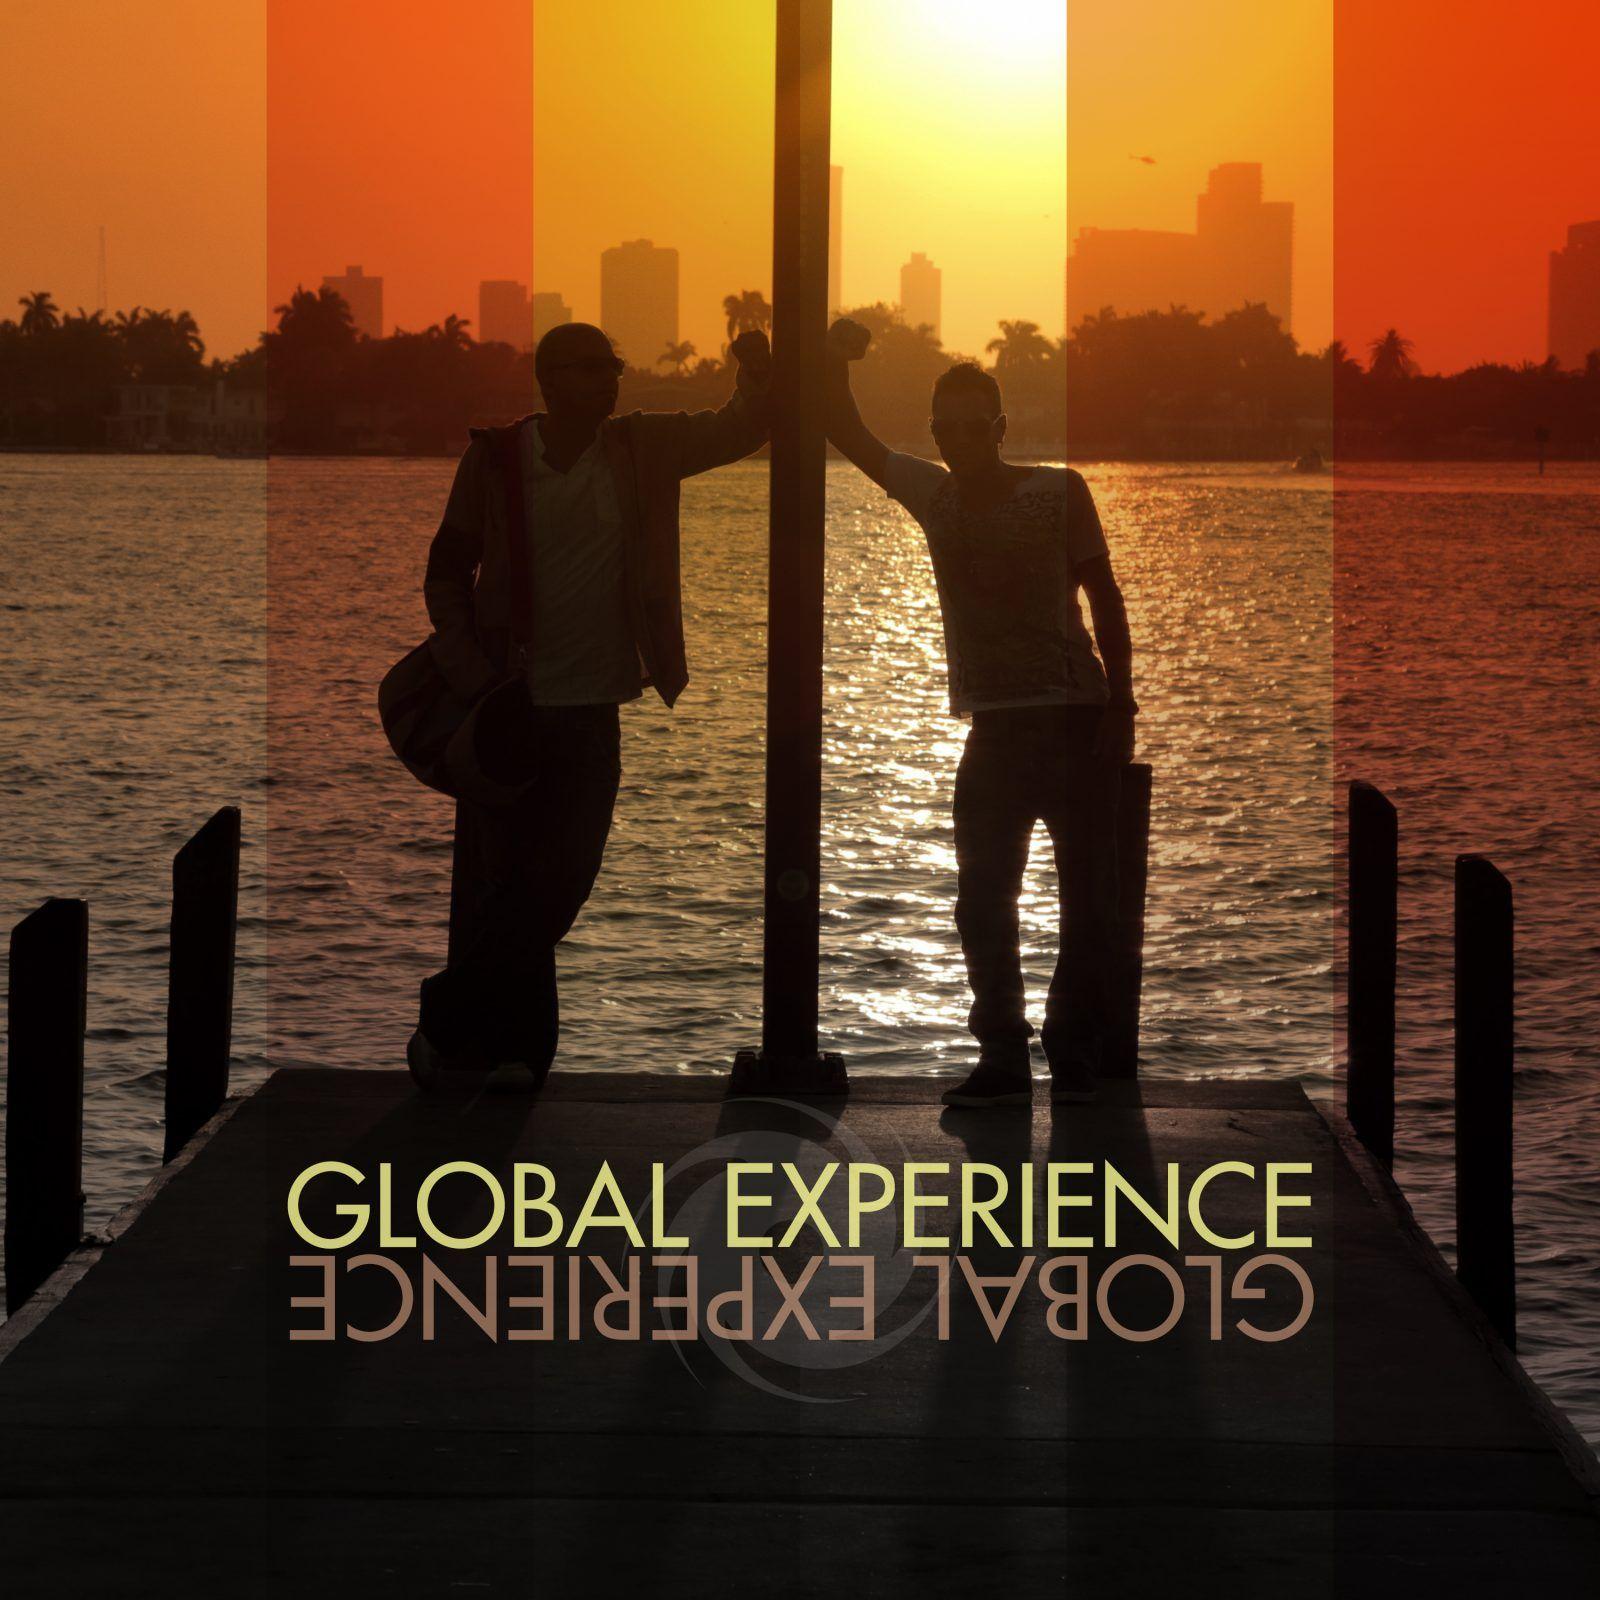 globalexperience.jpg